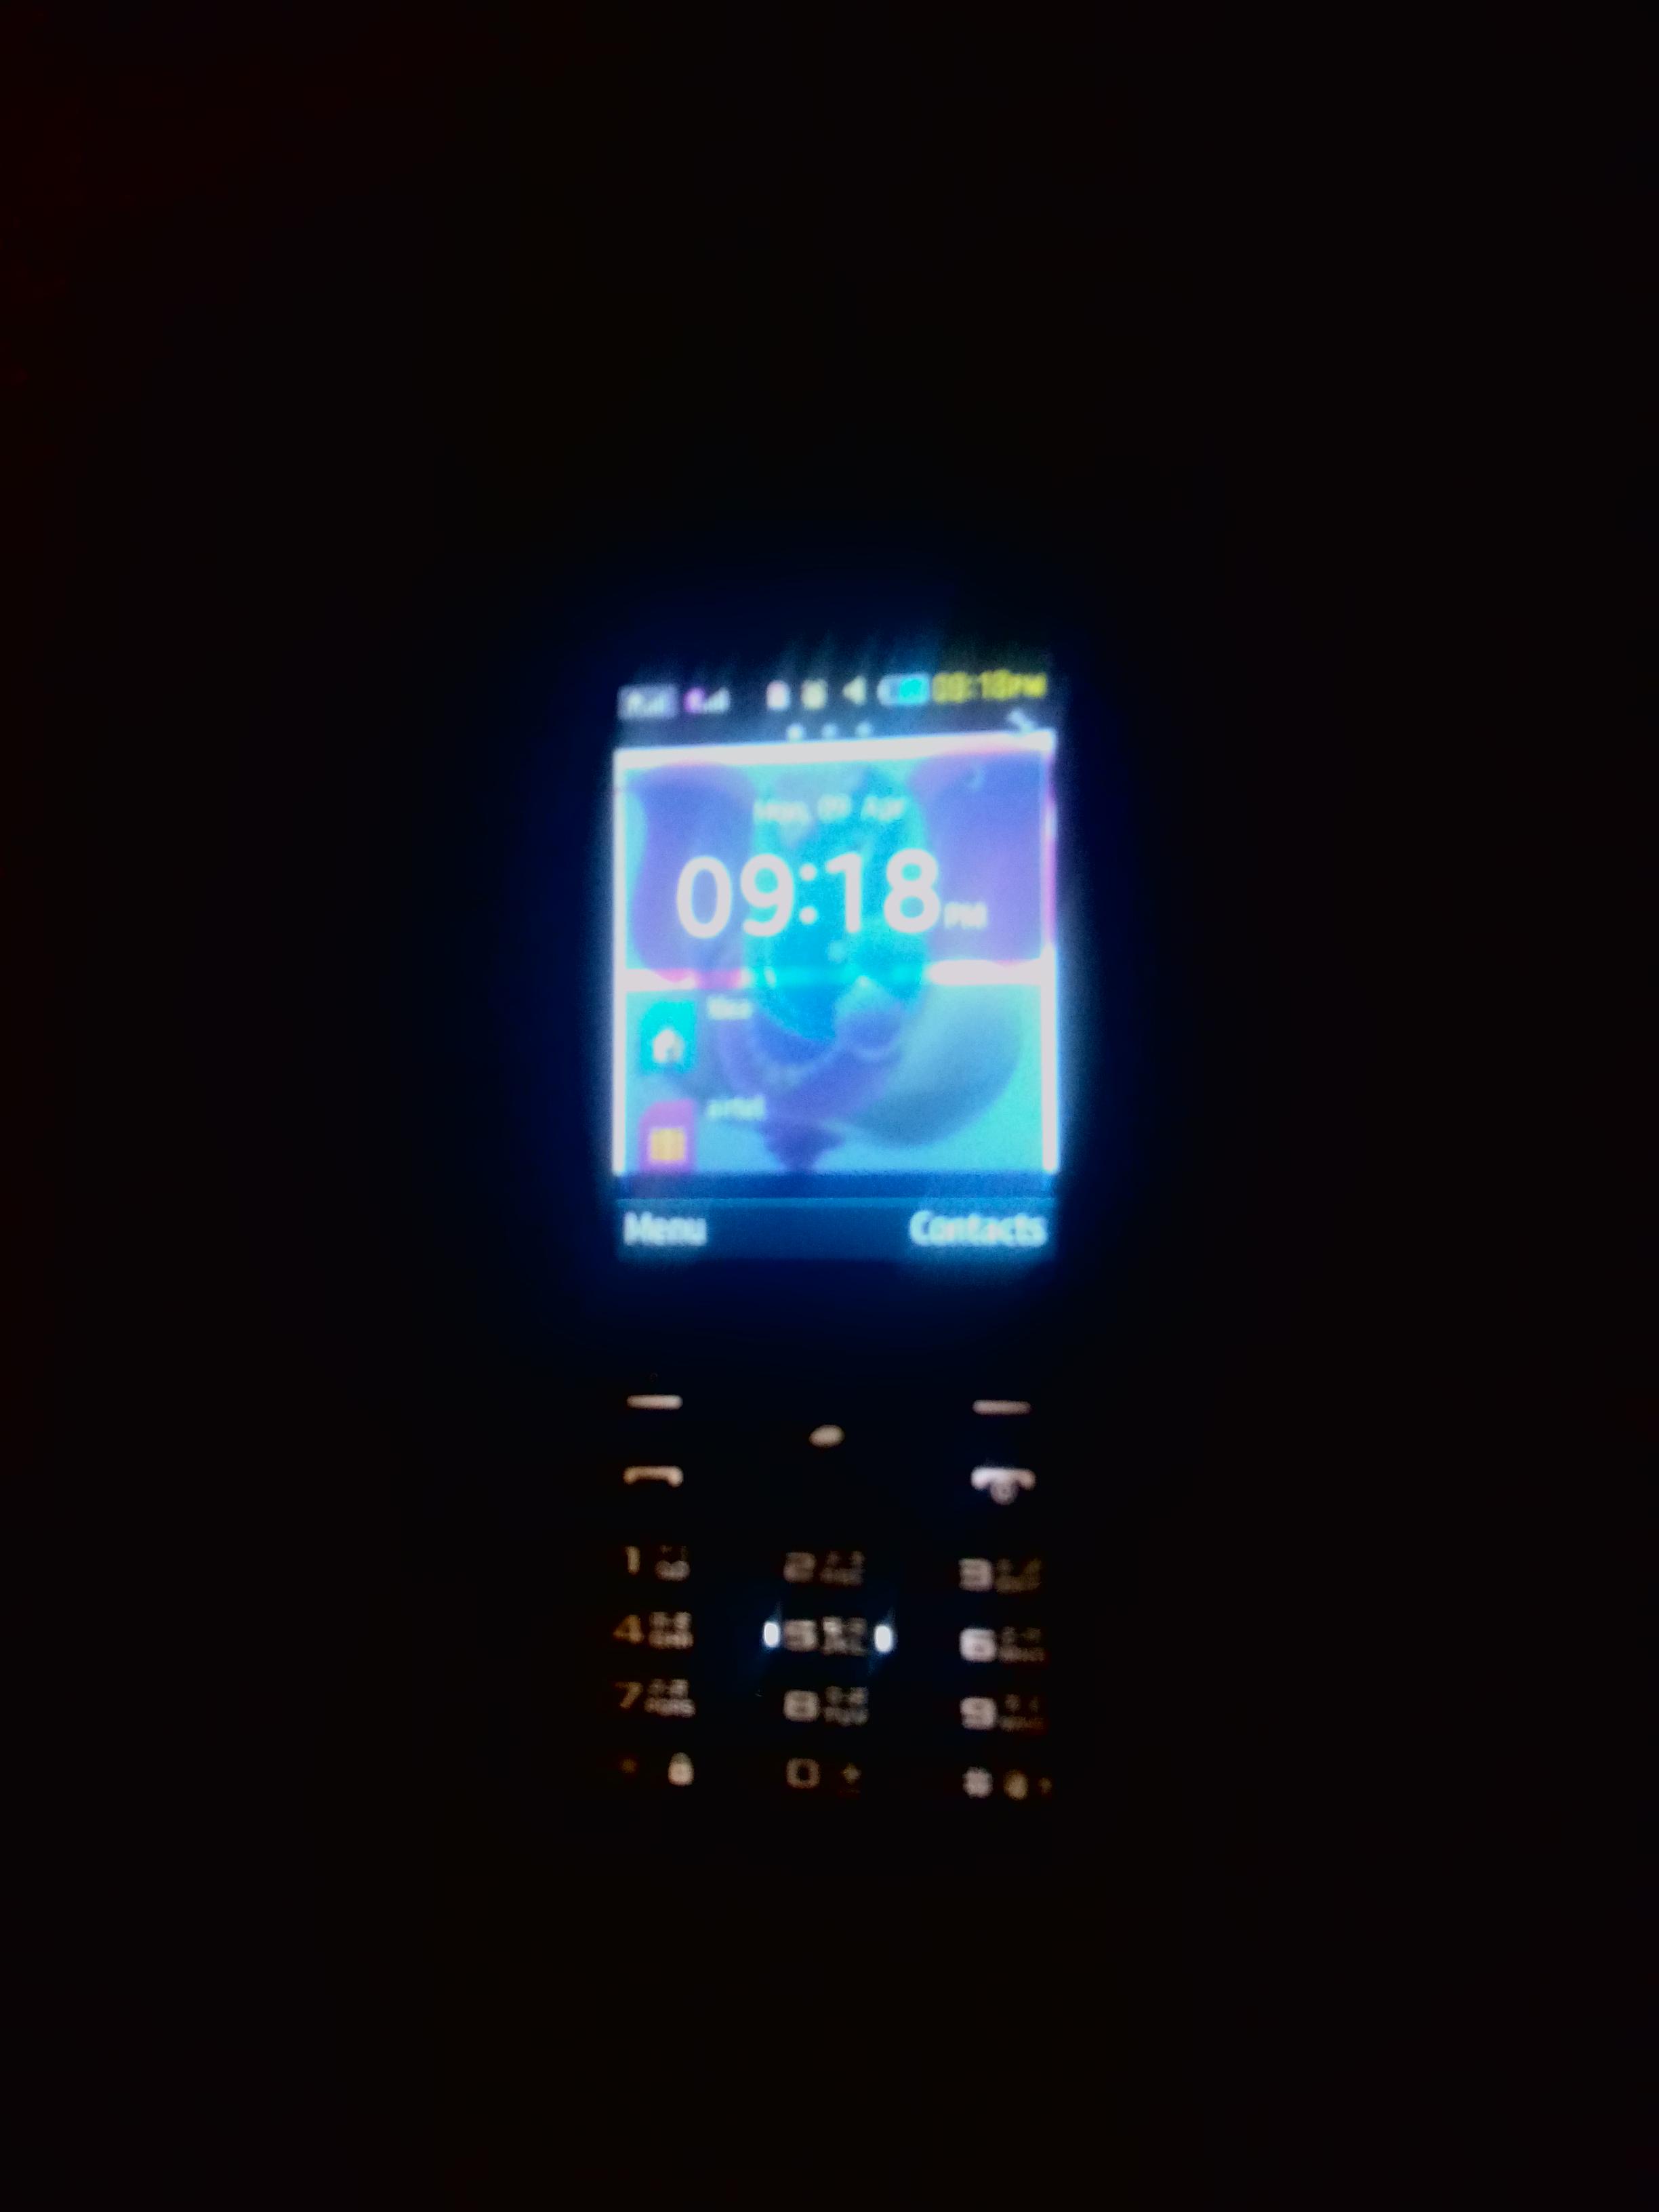 Top Five Sm B355e Mobile Apps - Circus